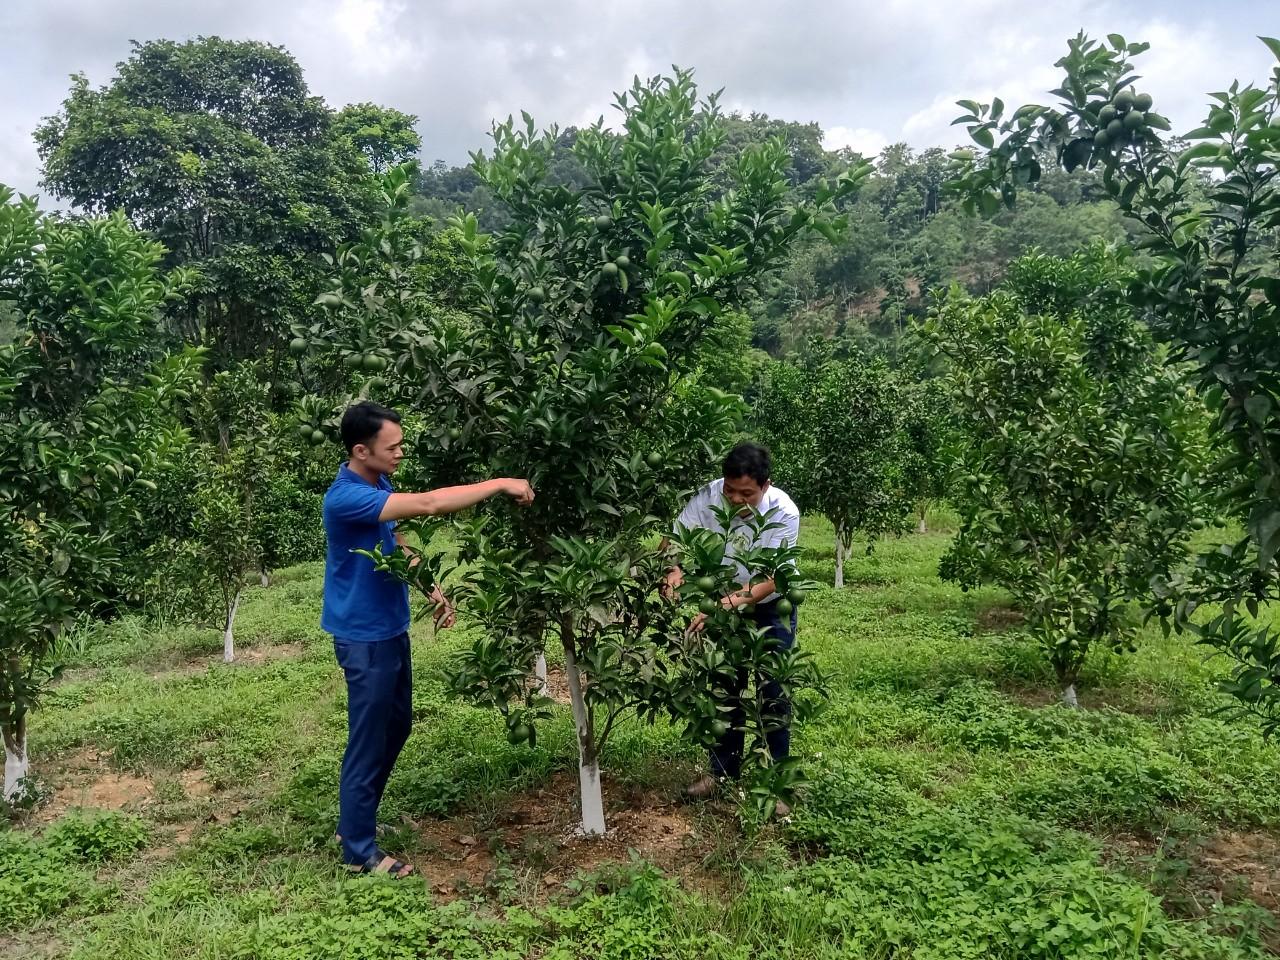 Mô hình trồng cam ở xã Đồng Giáp, huyện Văn Quan, Lạng Sơn